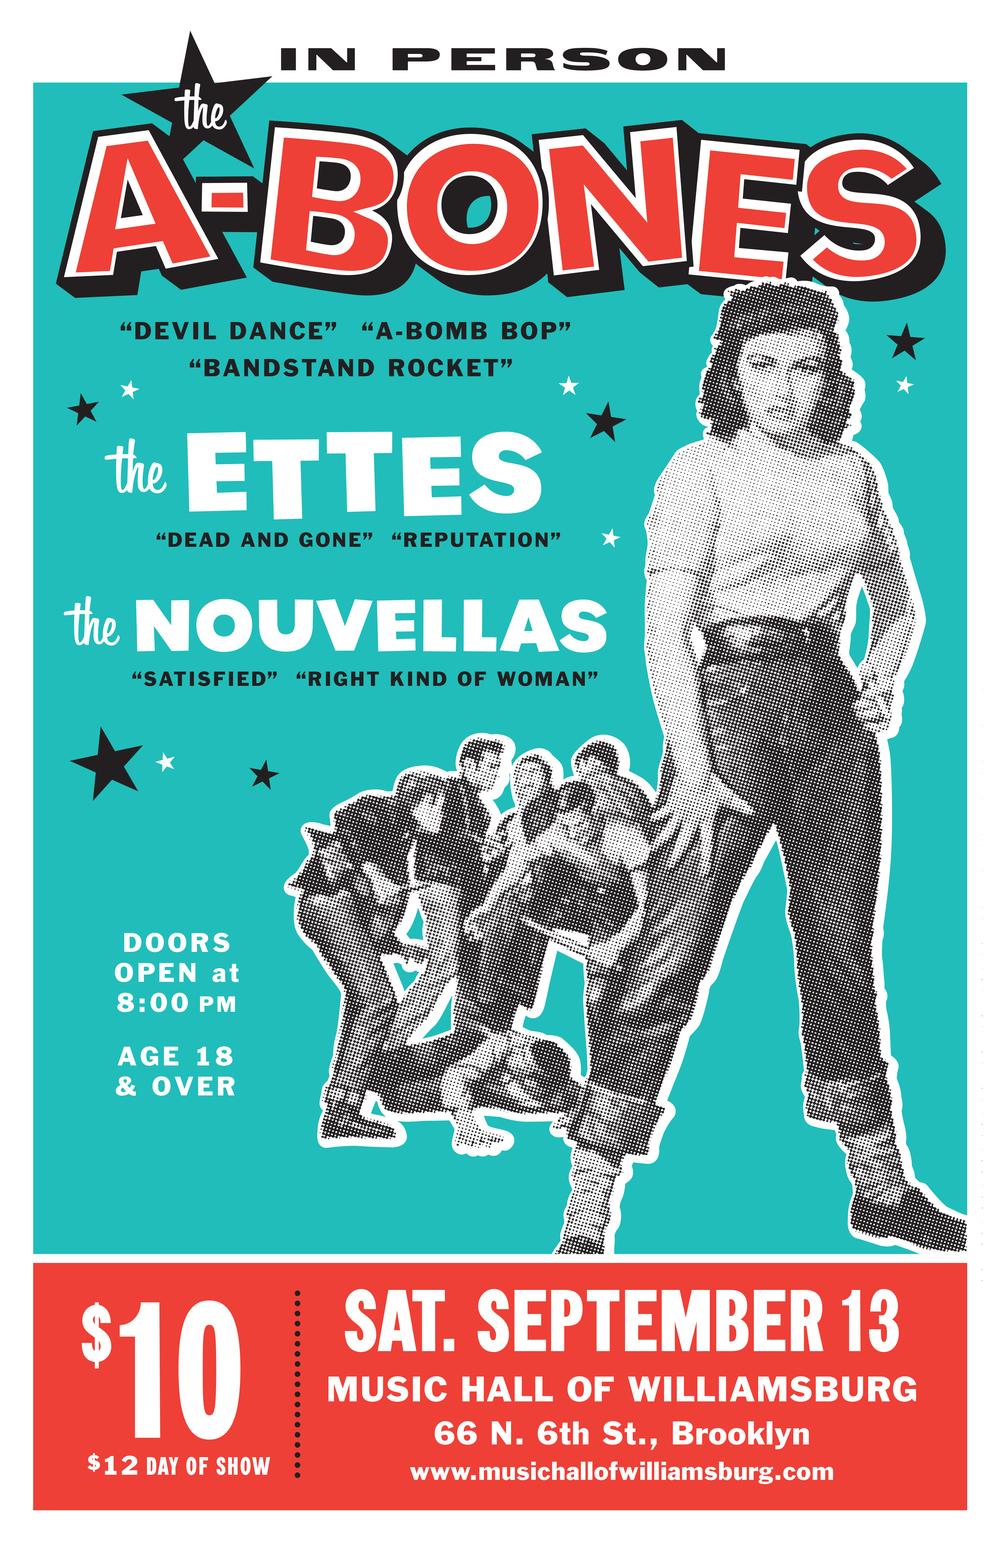 The A-Bones concert poster